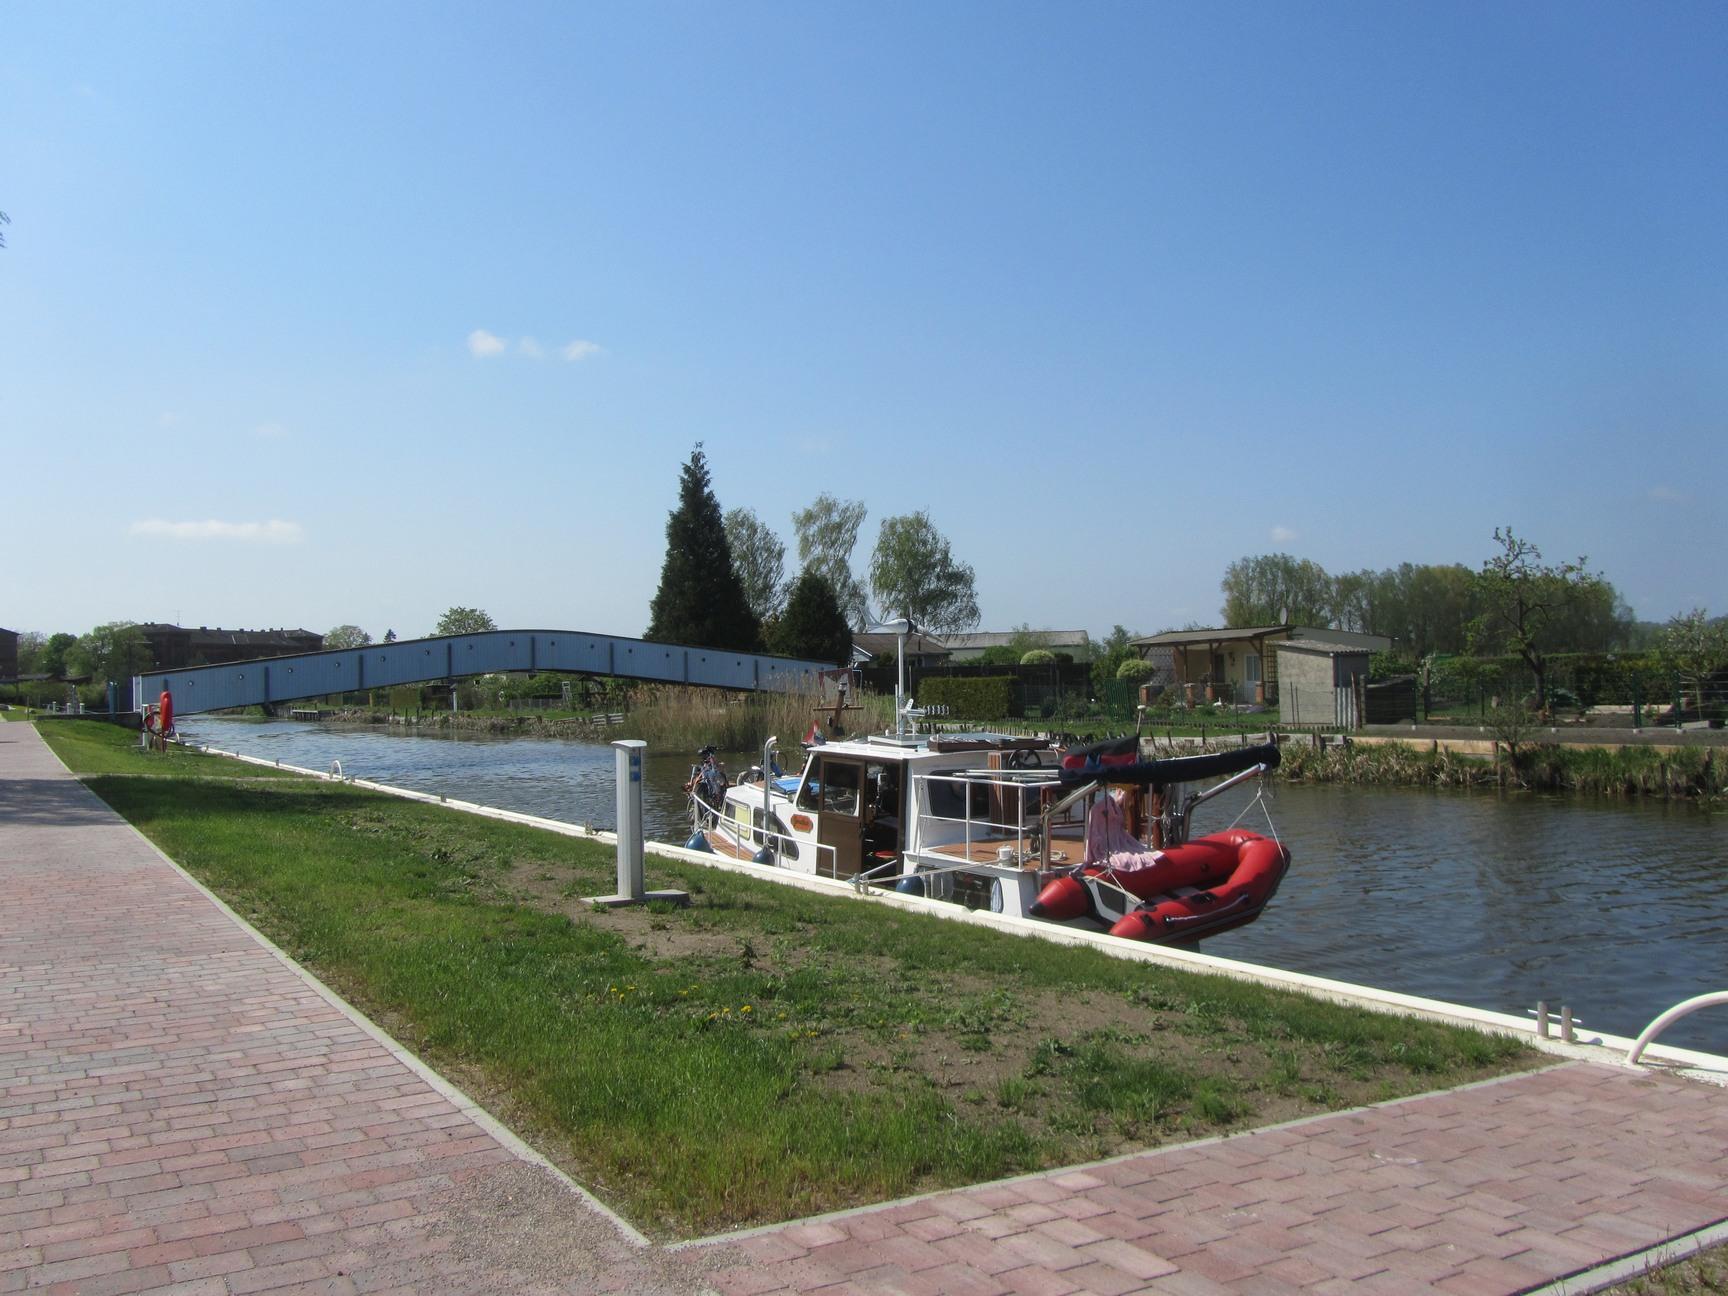 Wasserwanderrastplatz Malchin